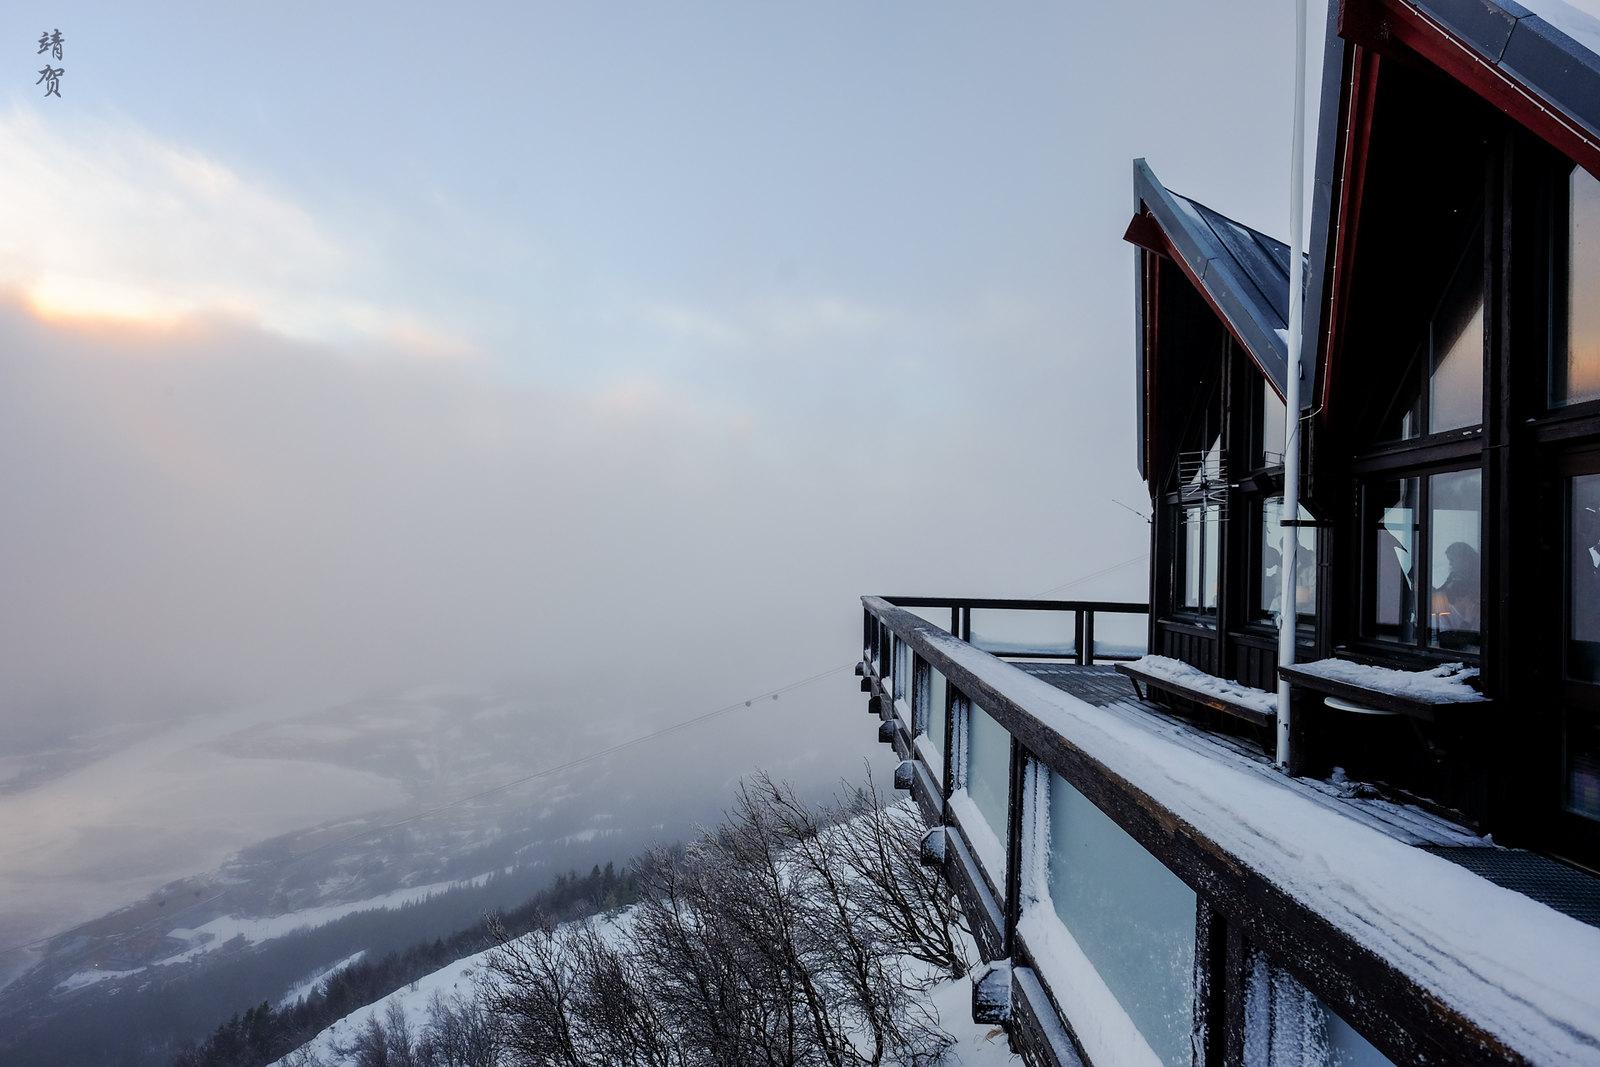 Lodge at Åreskutan